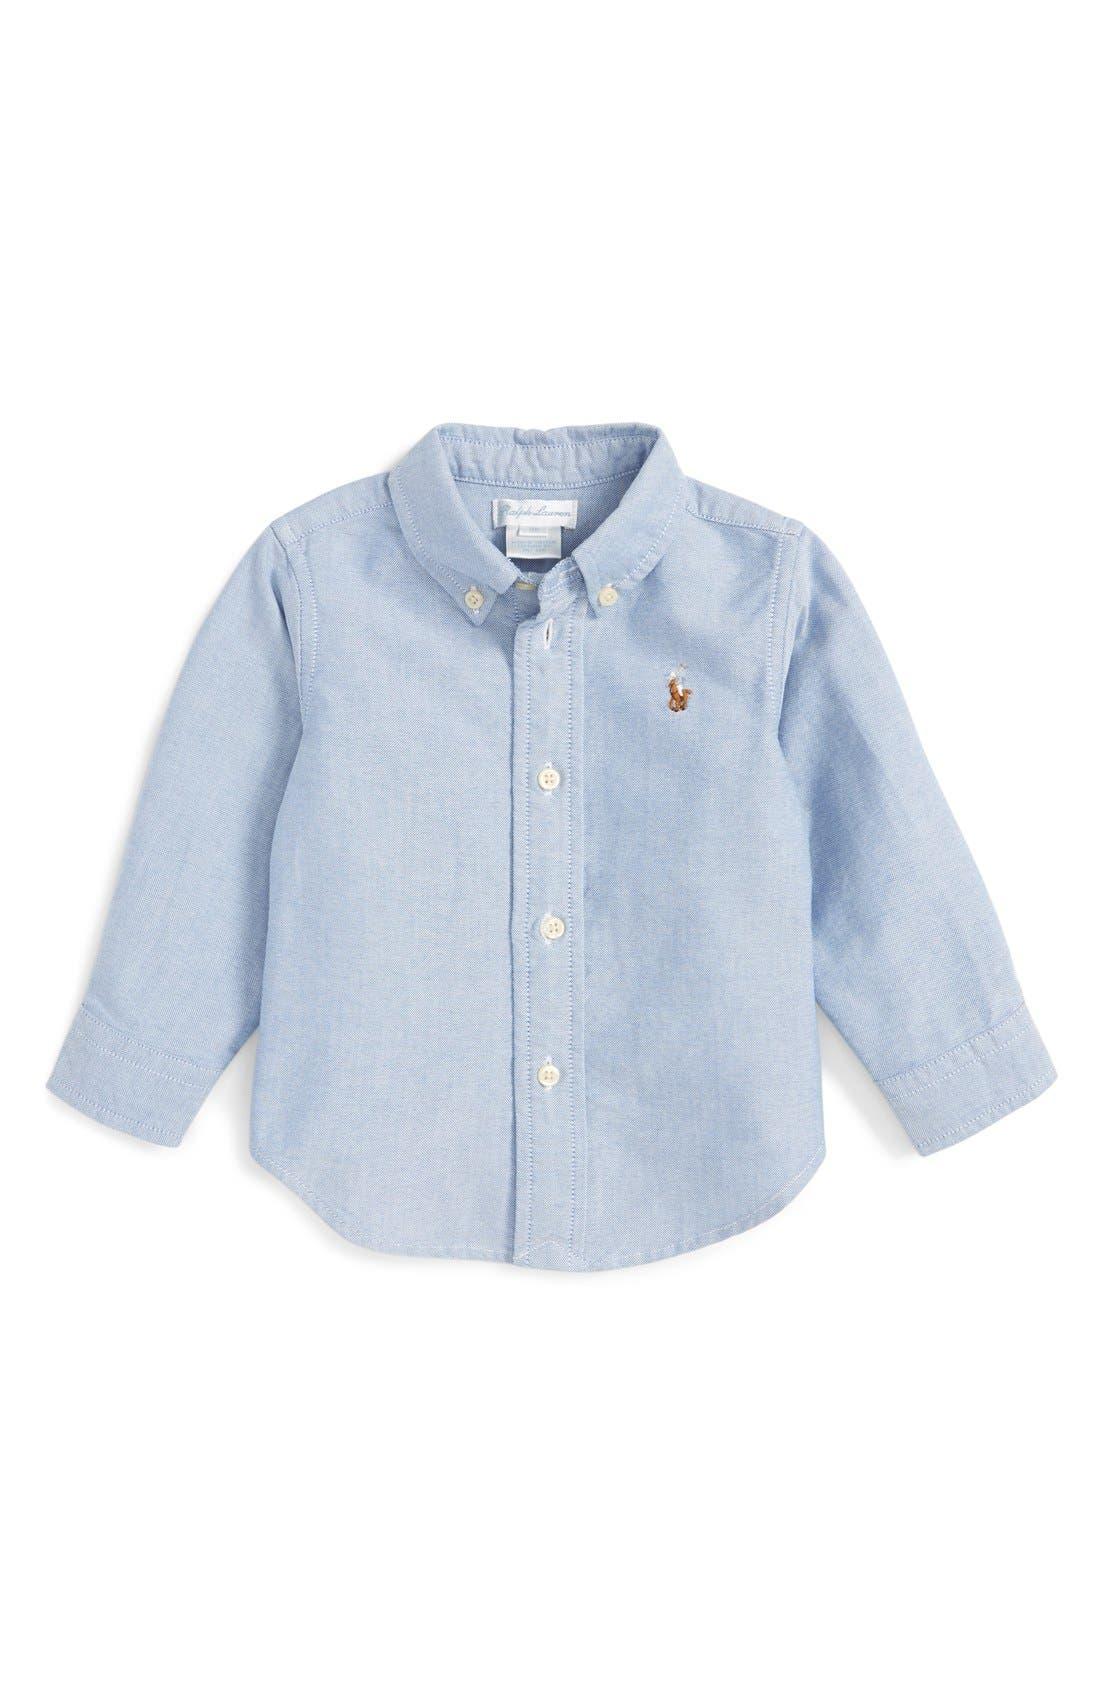 Ralph Lauren Oxford Shirt (Baby Boys)